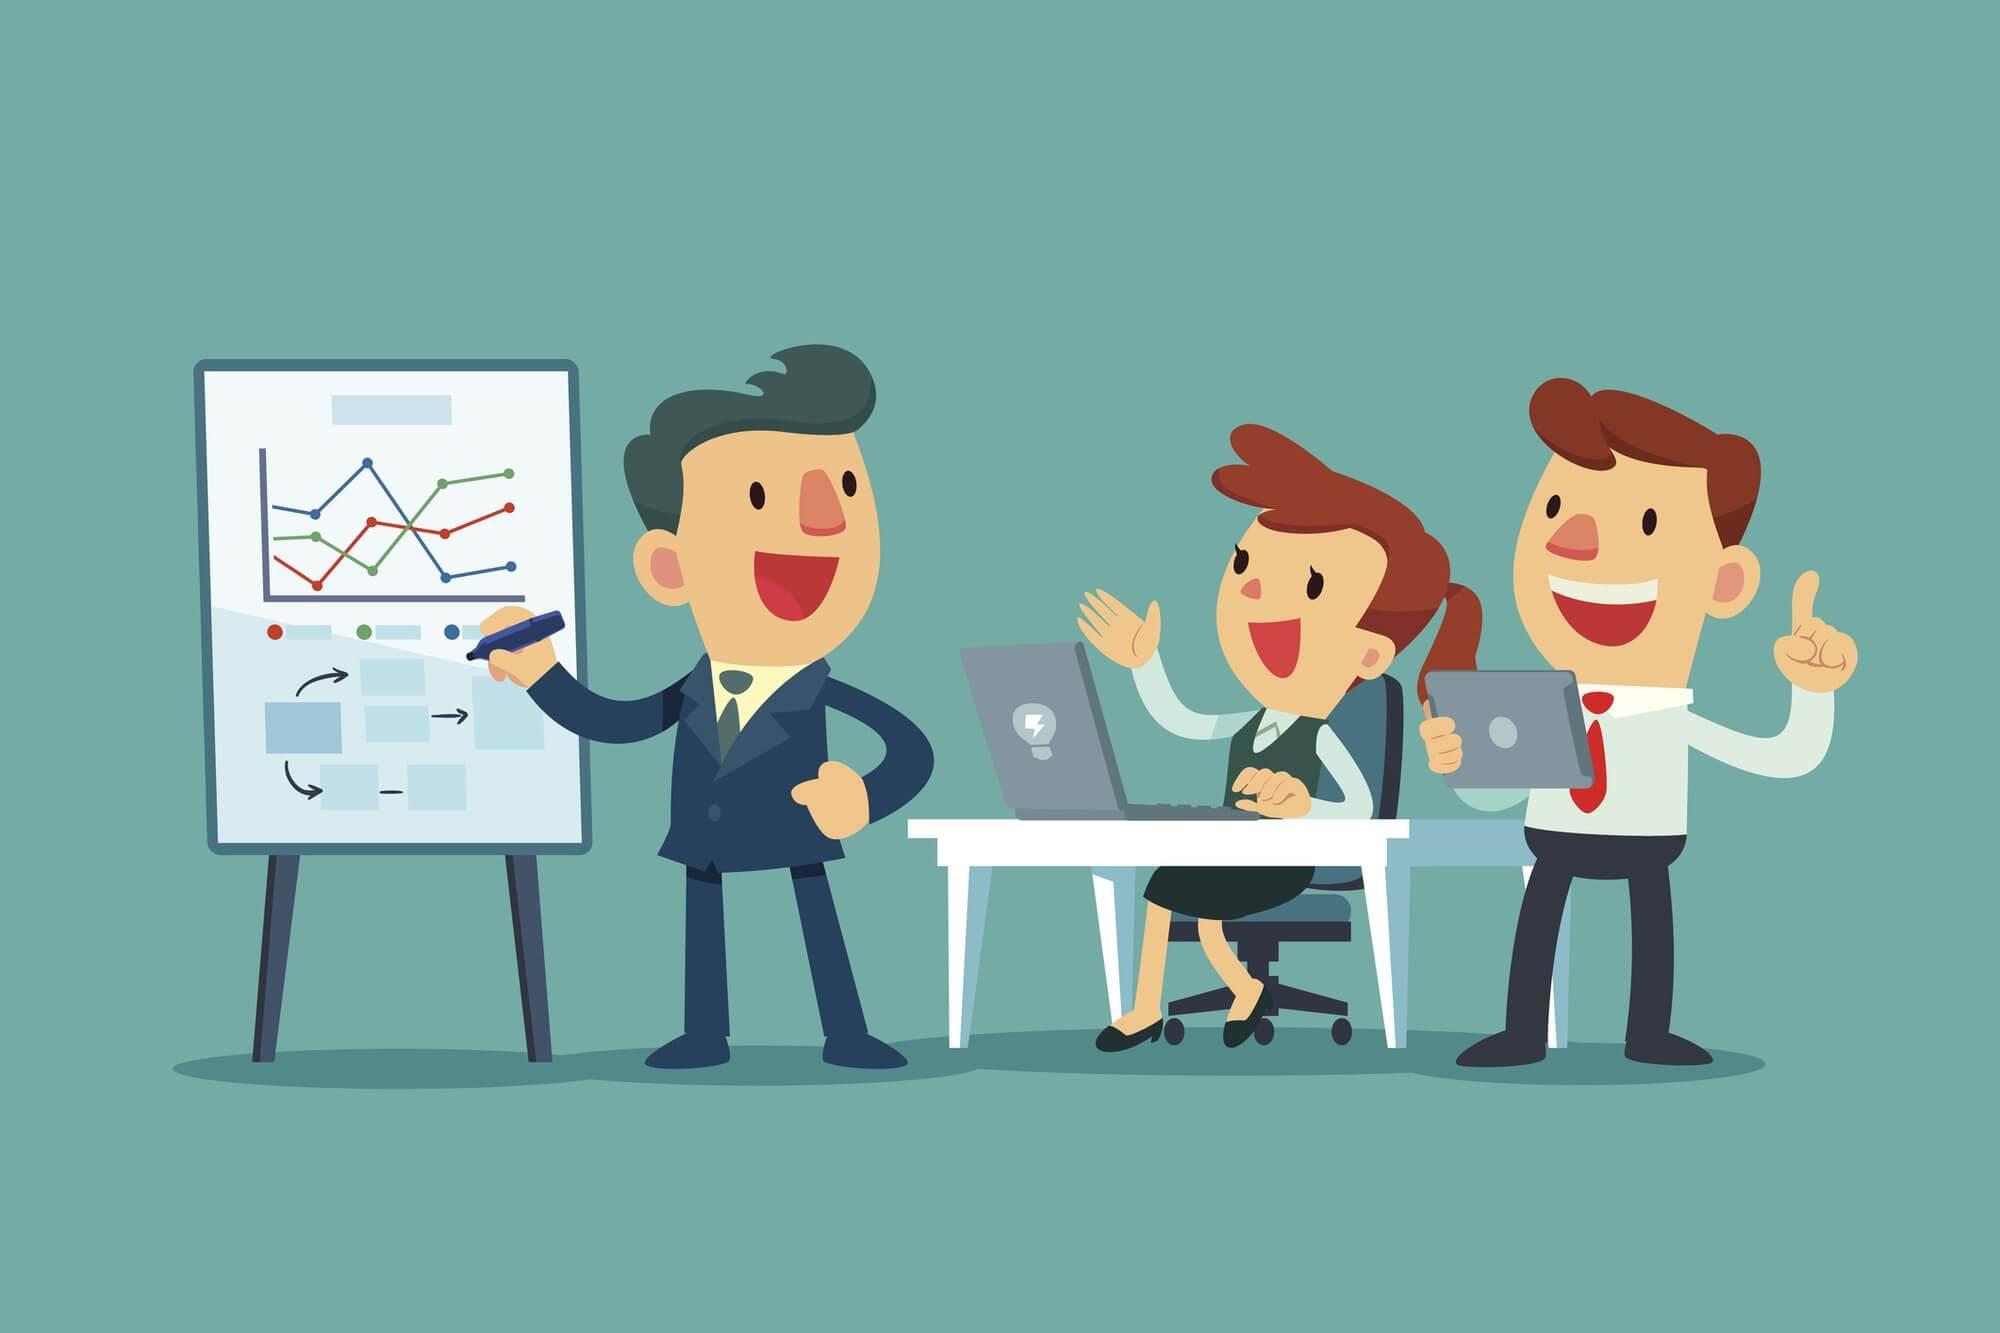 Retail là gì? Định nghĩa về Retail và các thuật ngữ liên quan